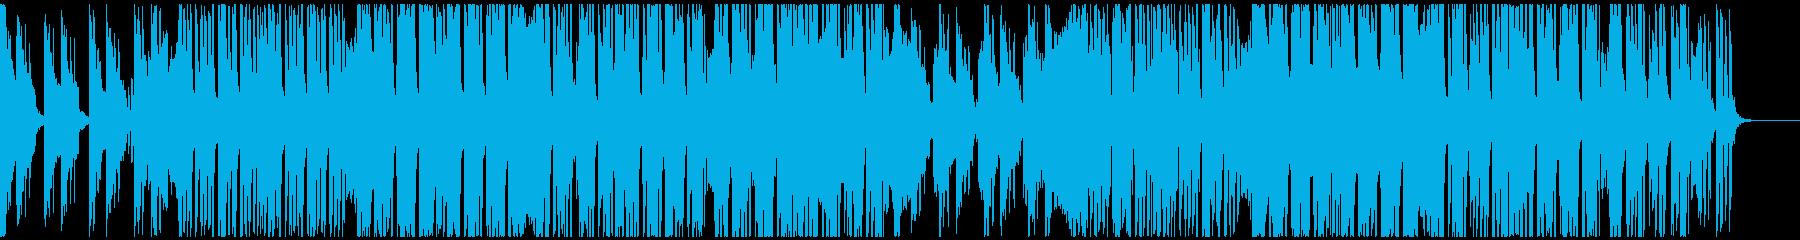 軽快で伸びのあるシンセのオシャレなEDMの再生済みの波形